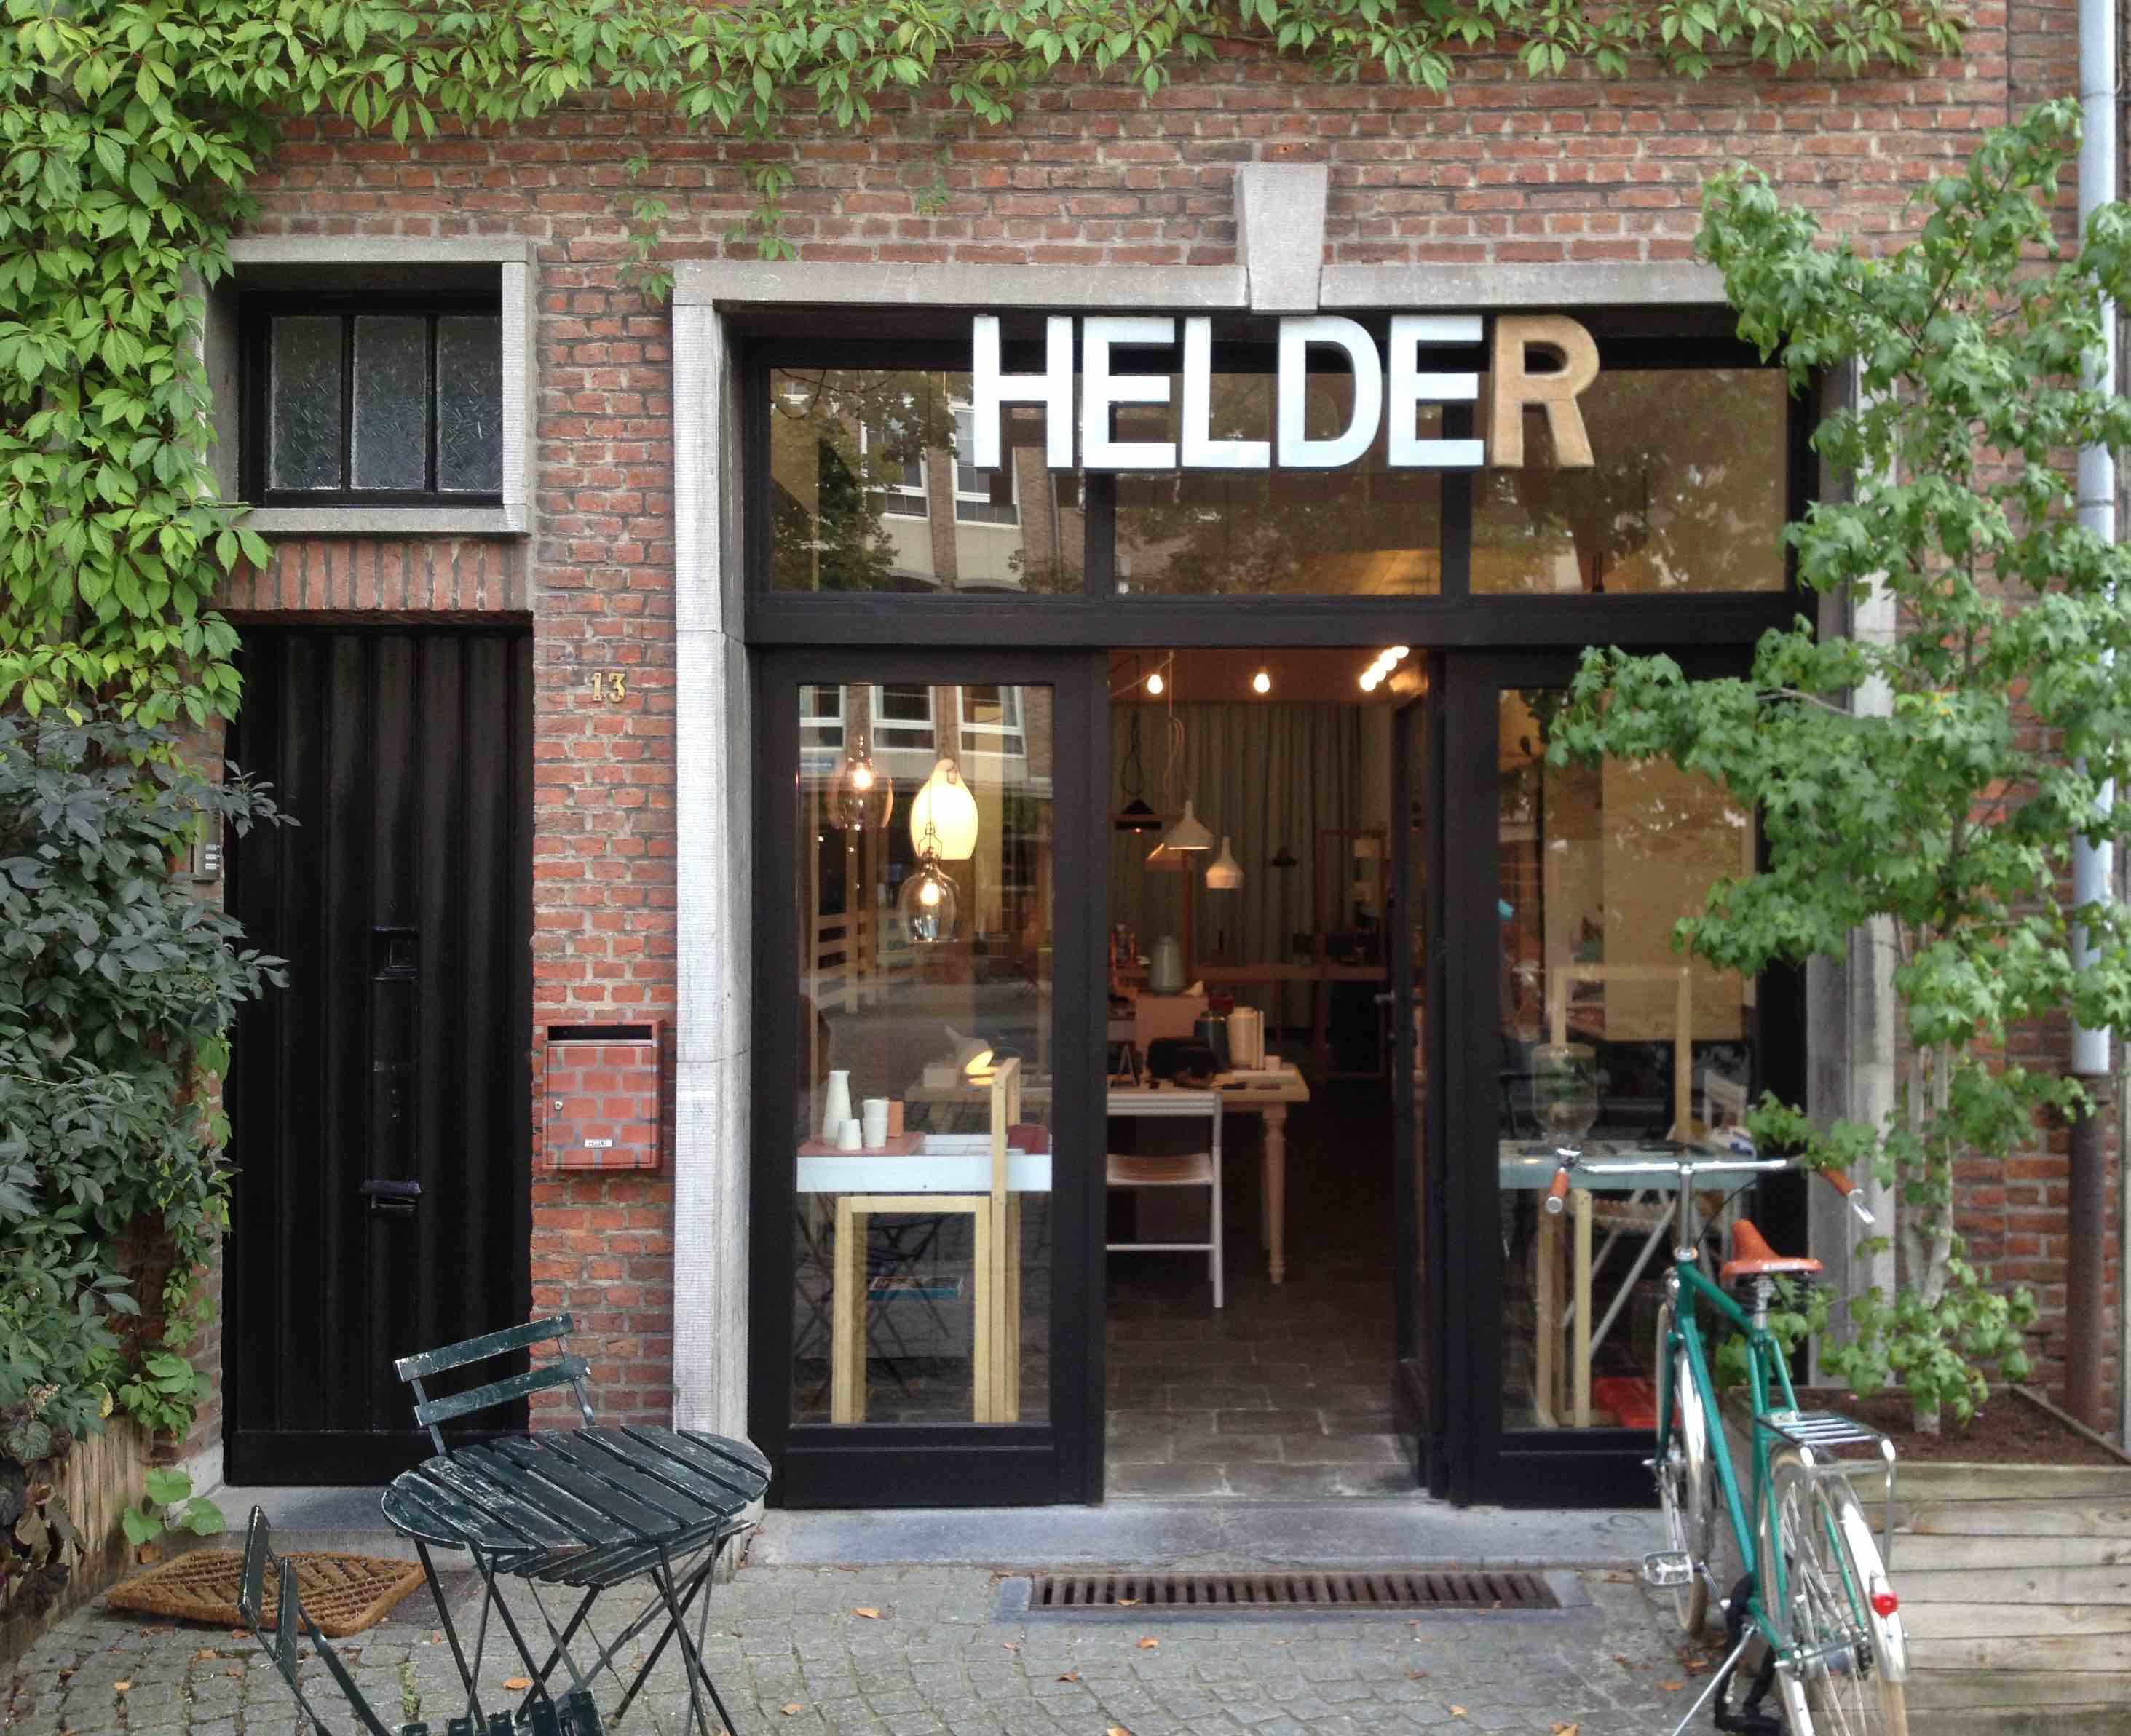 Studio Helder | courtesy of Studio Helder